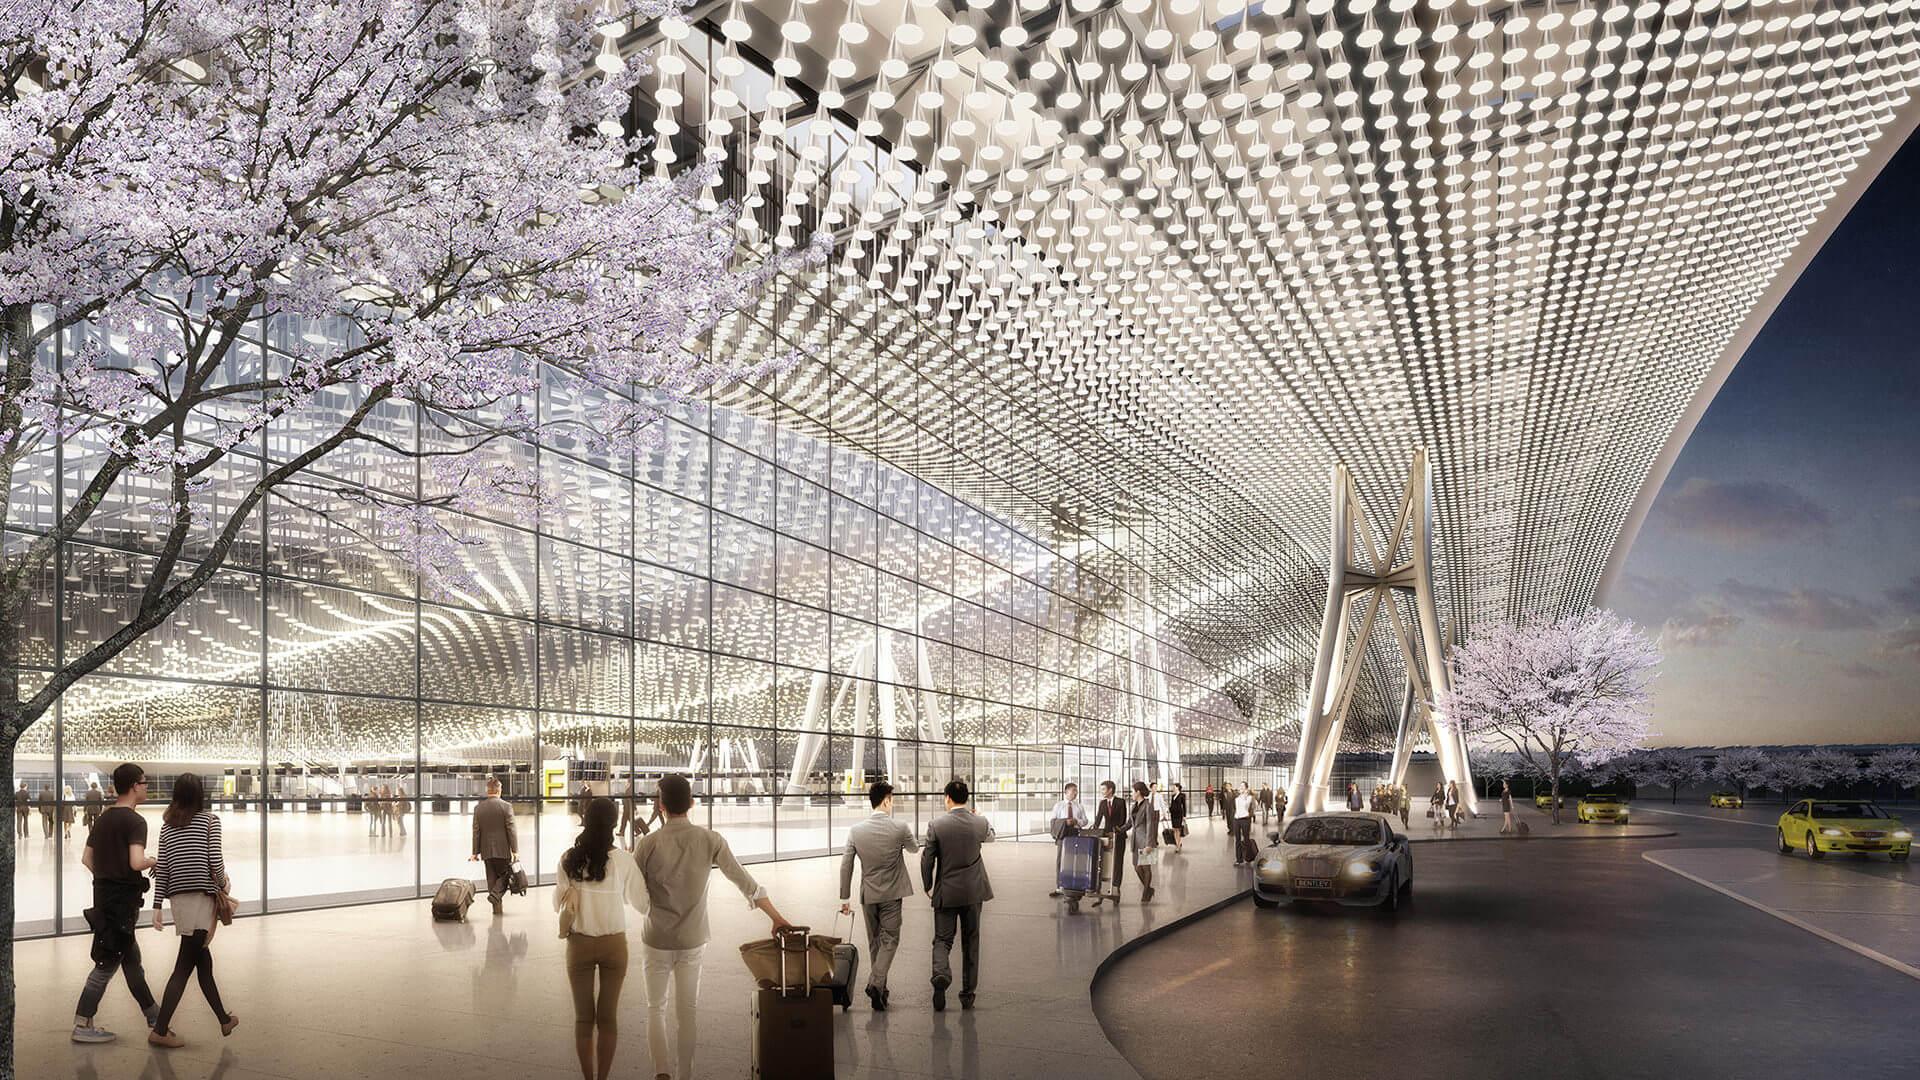 臺灣桃園國際機場第三航站區